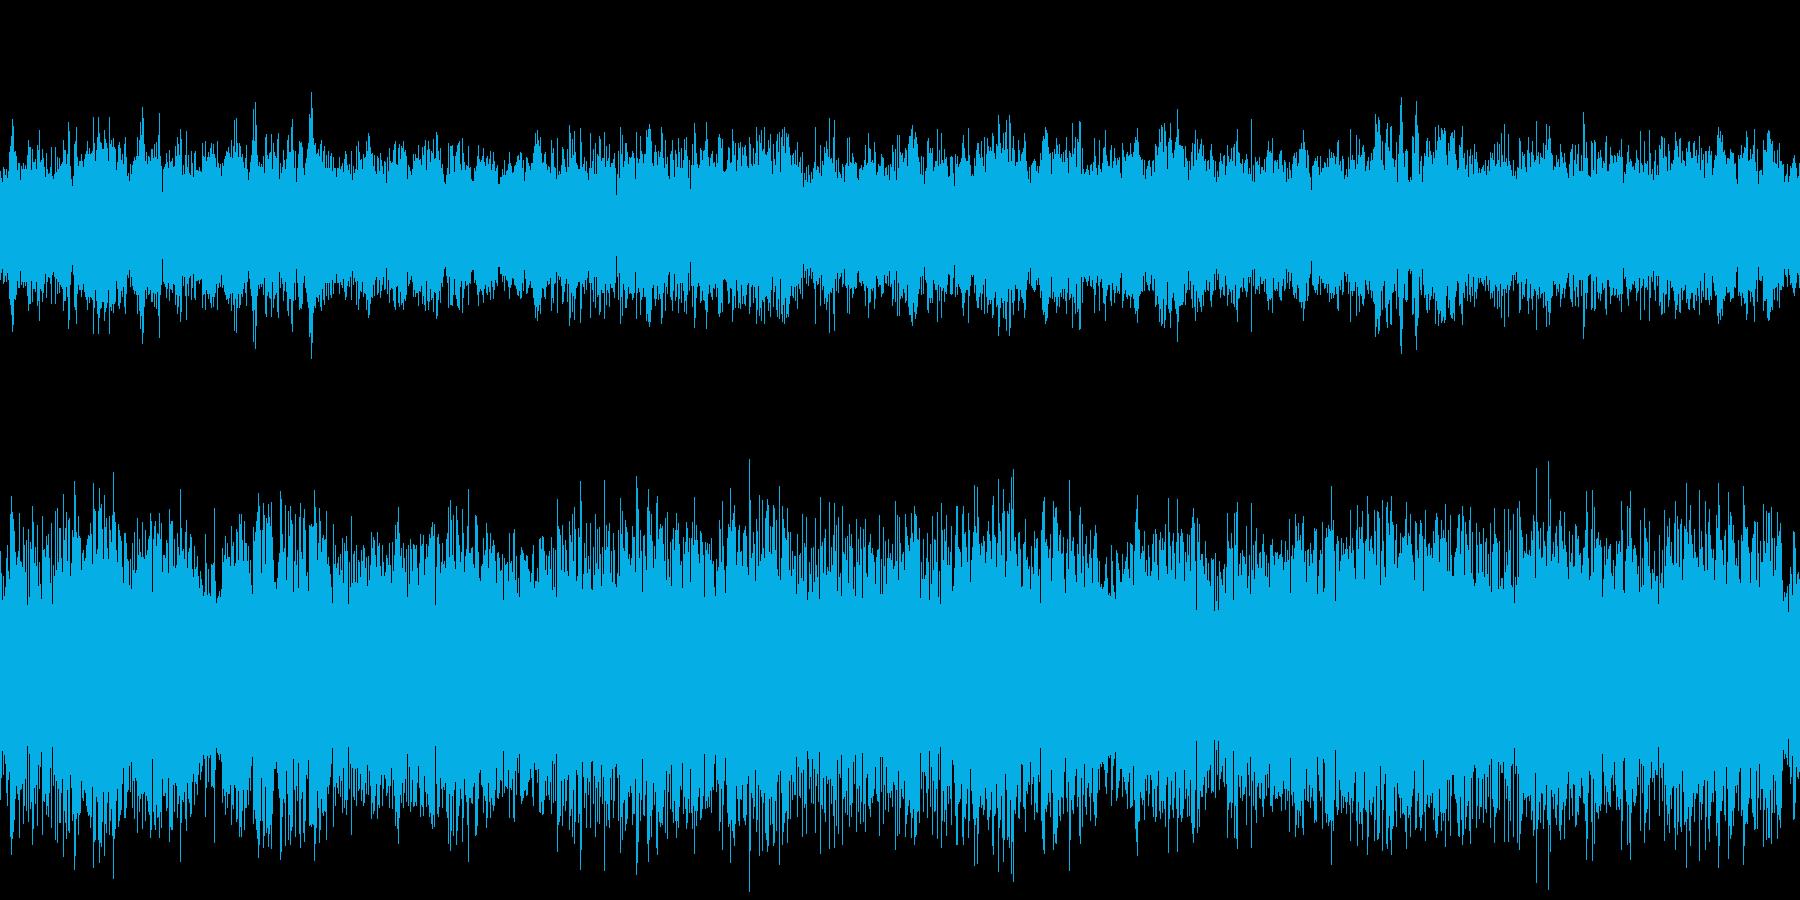 古き良きレトロな雰囲気のBGMです。の再生済みの波形